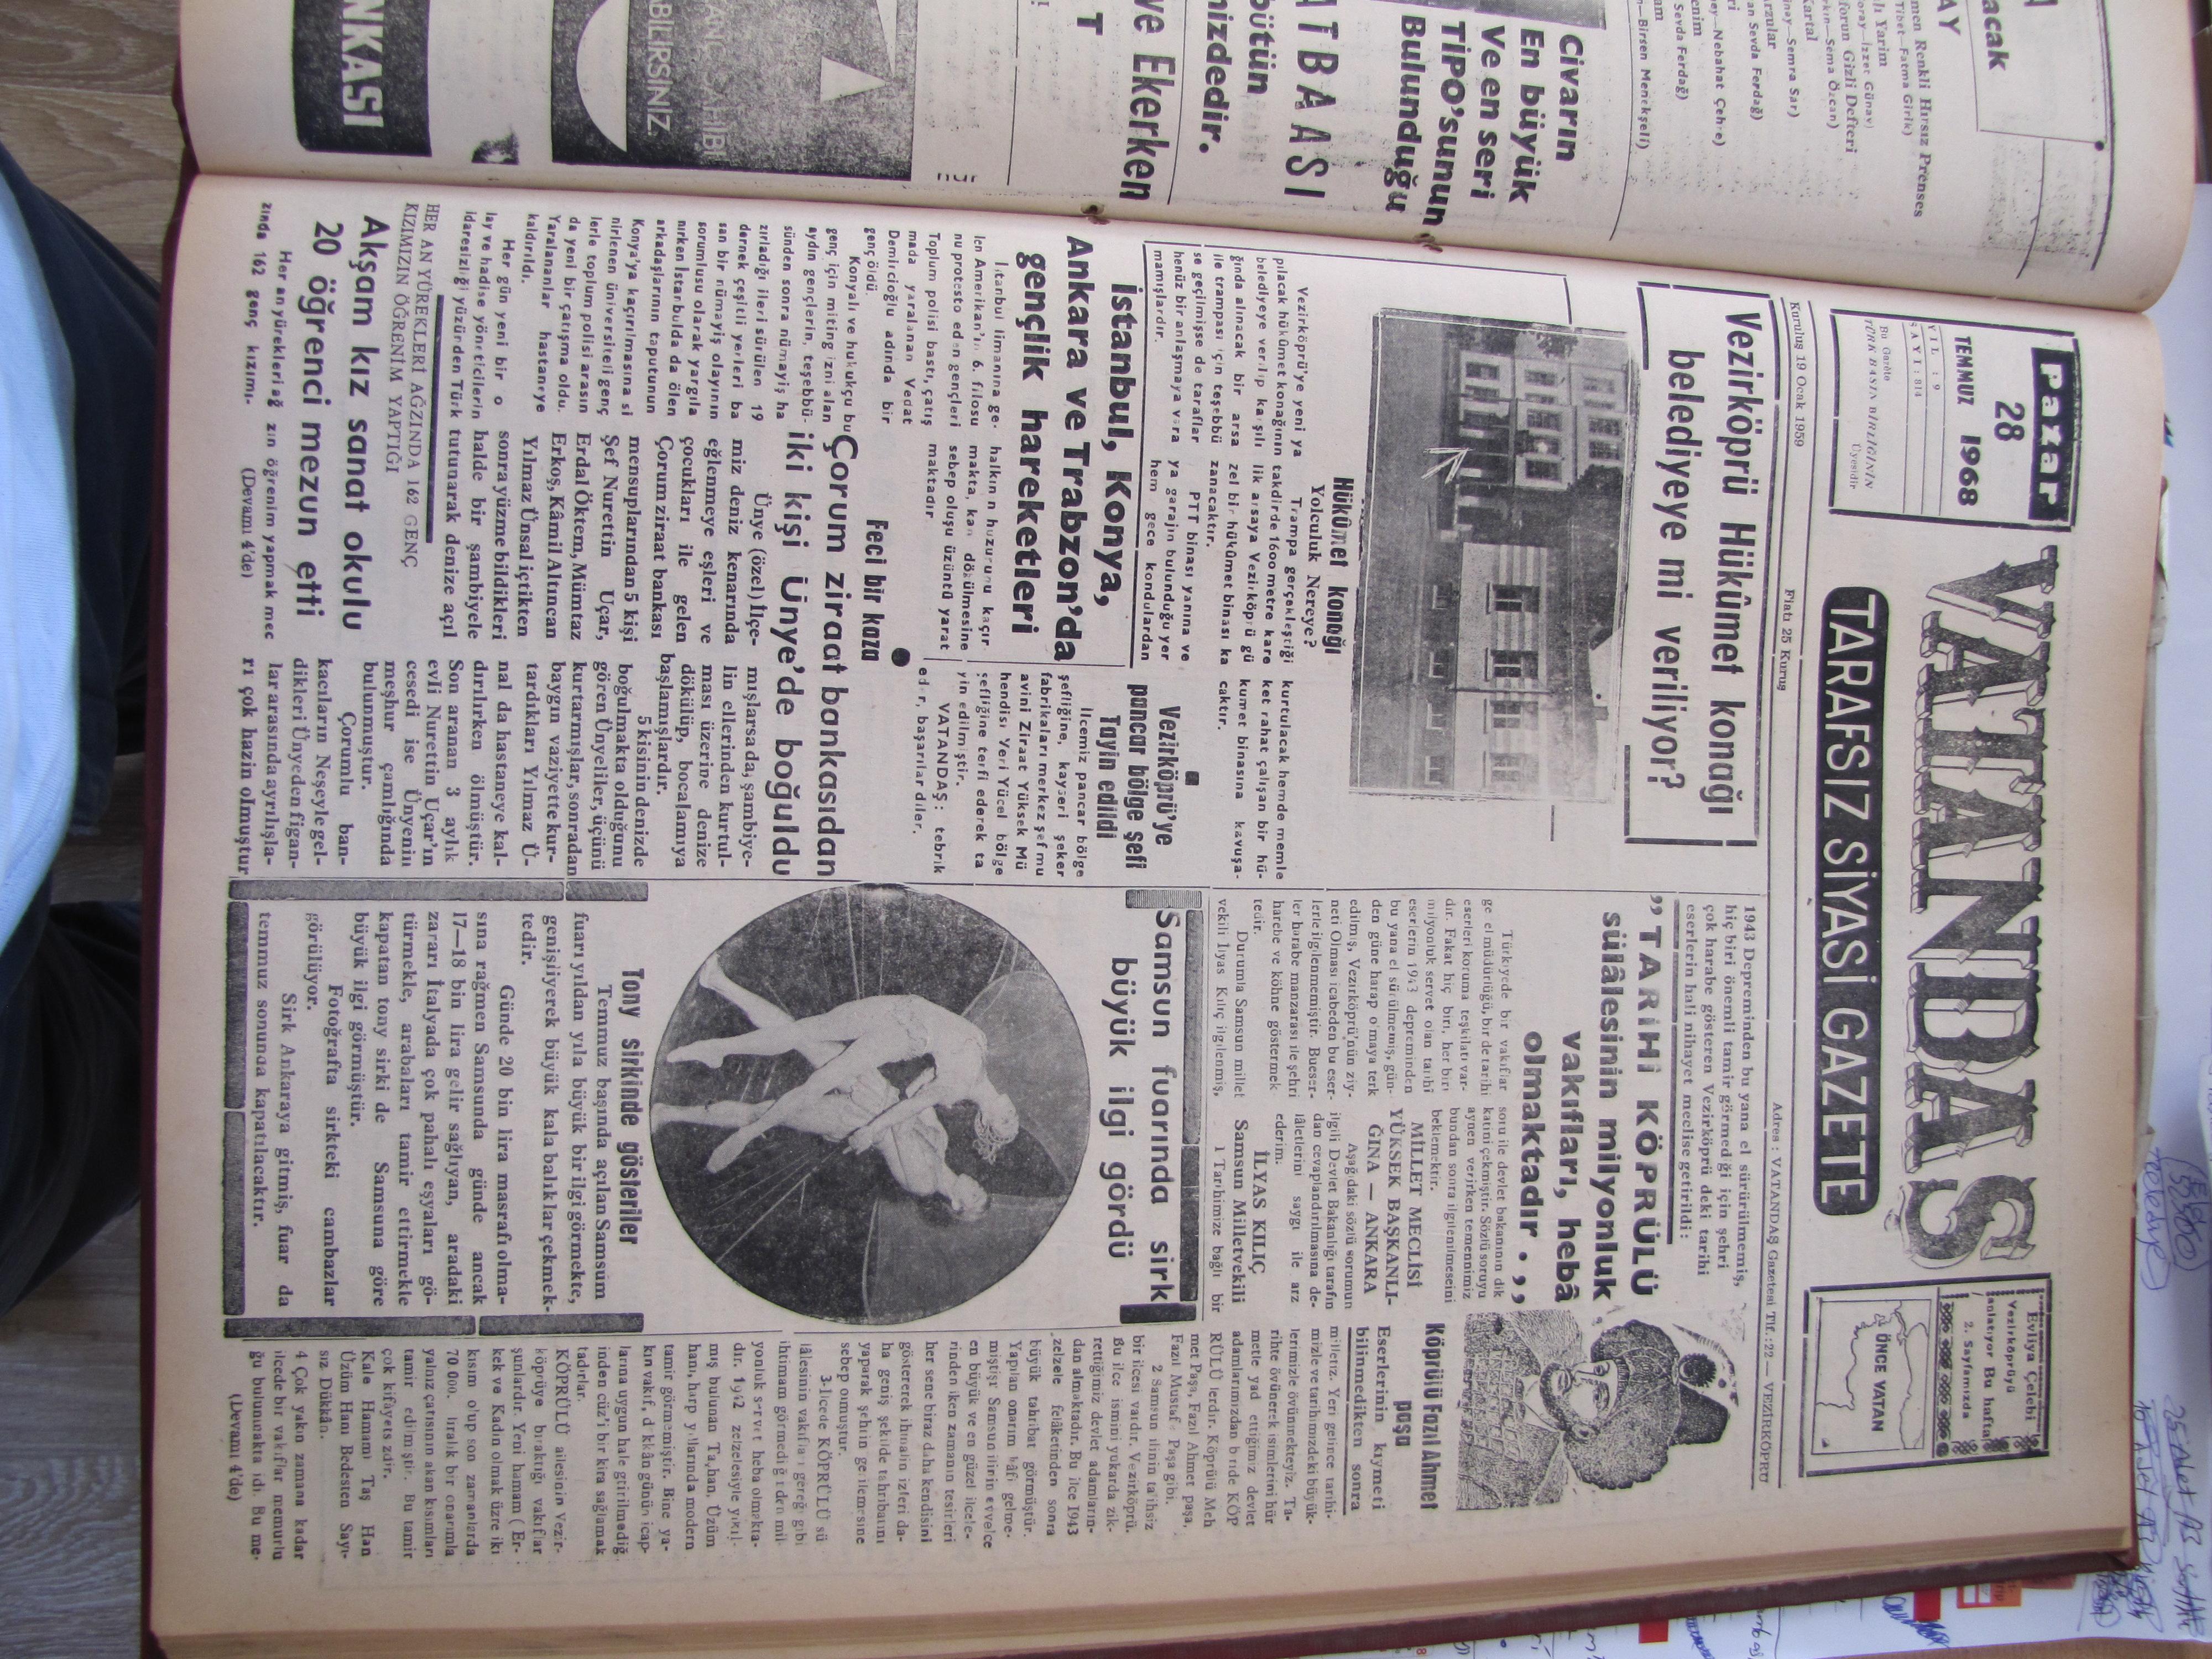 Vezirköprü Hükümet Konağı Belediyeye mi veriliyor? 28 Temmuz 1968 Pazar